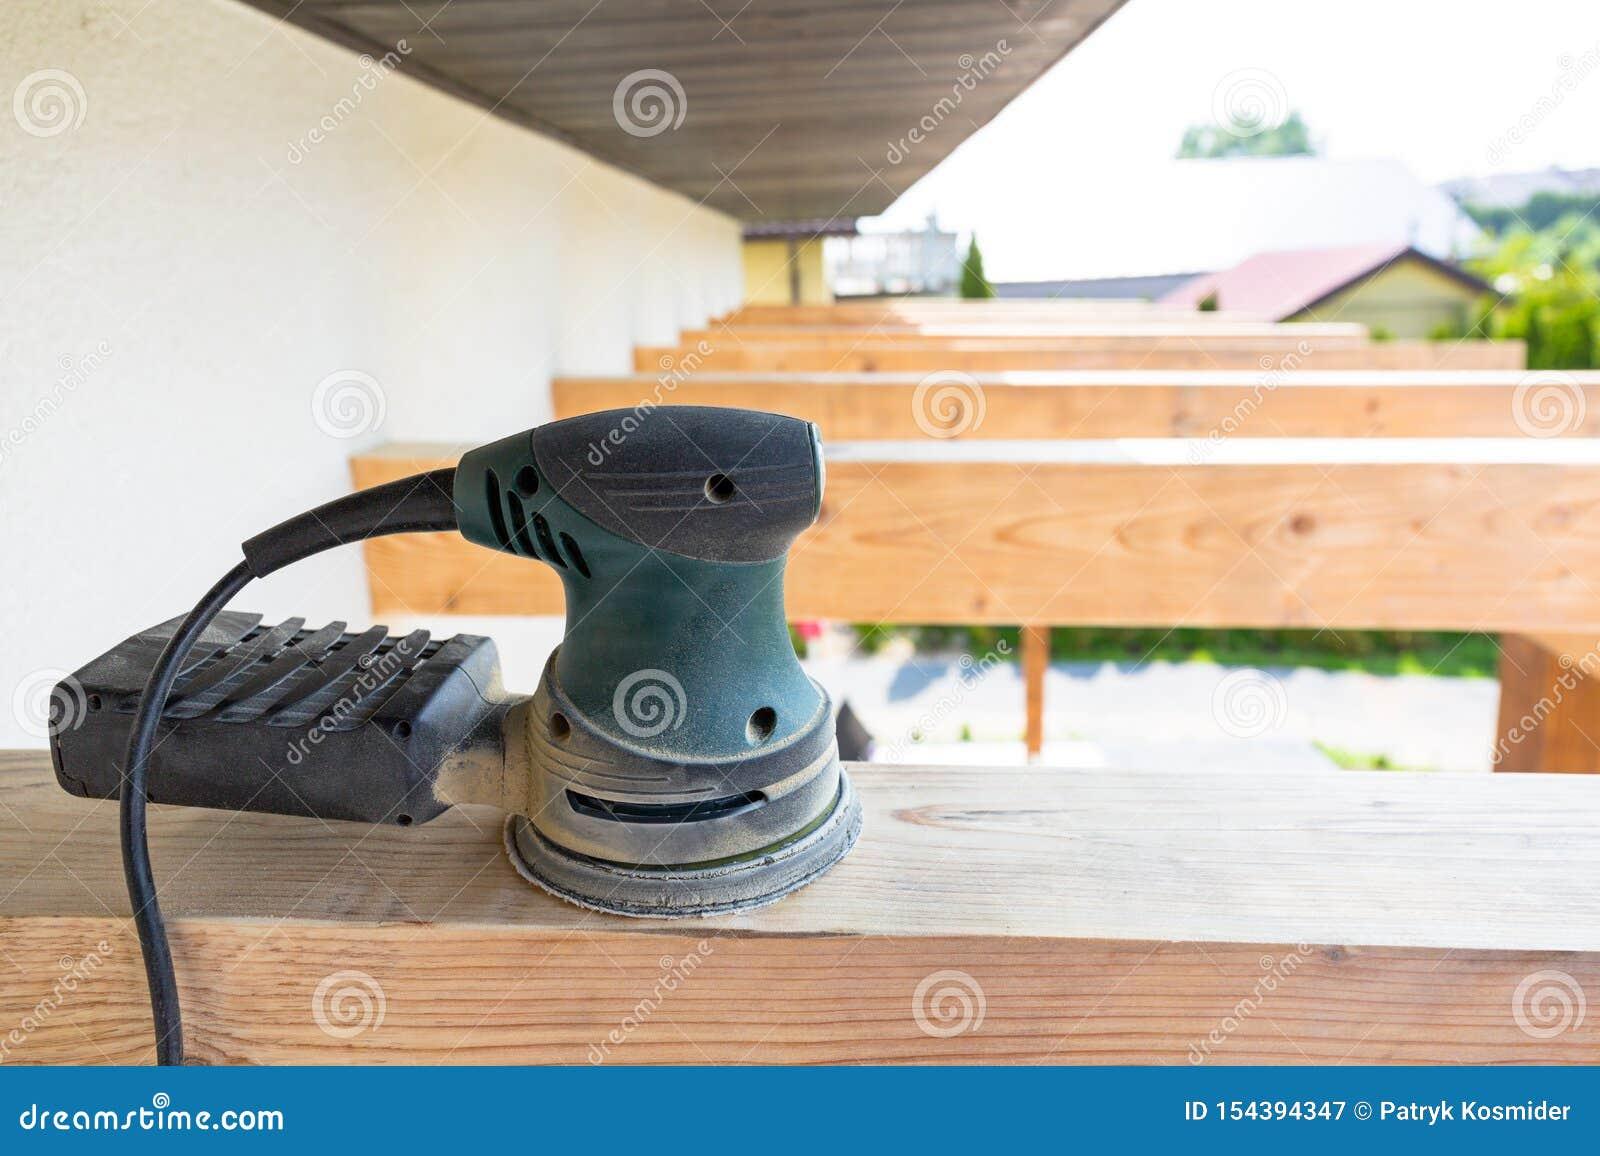 Ponceuse Pour Poutre Bois broyeur électrique placée sur les poutres en bois image